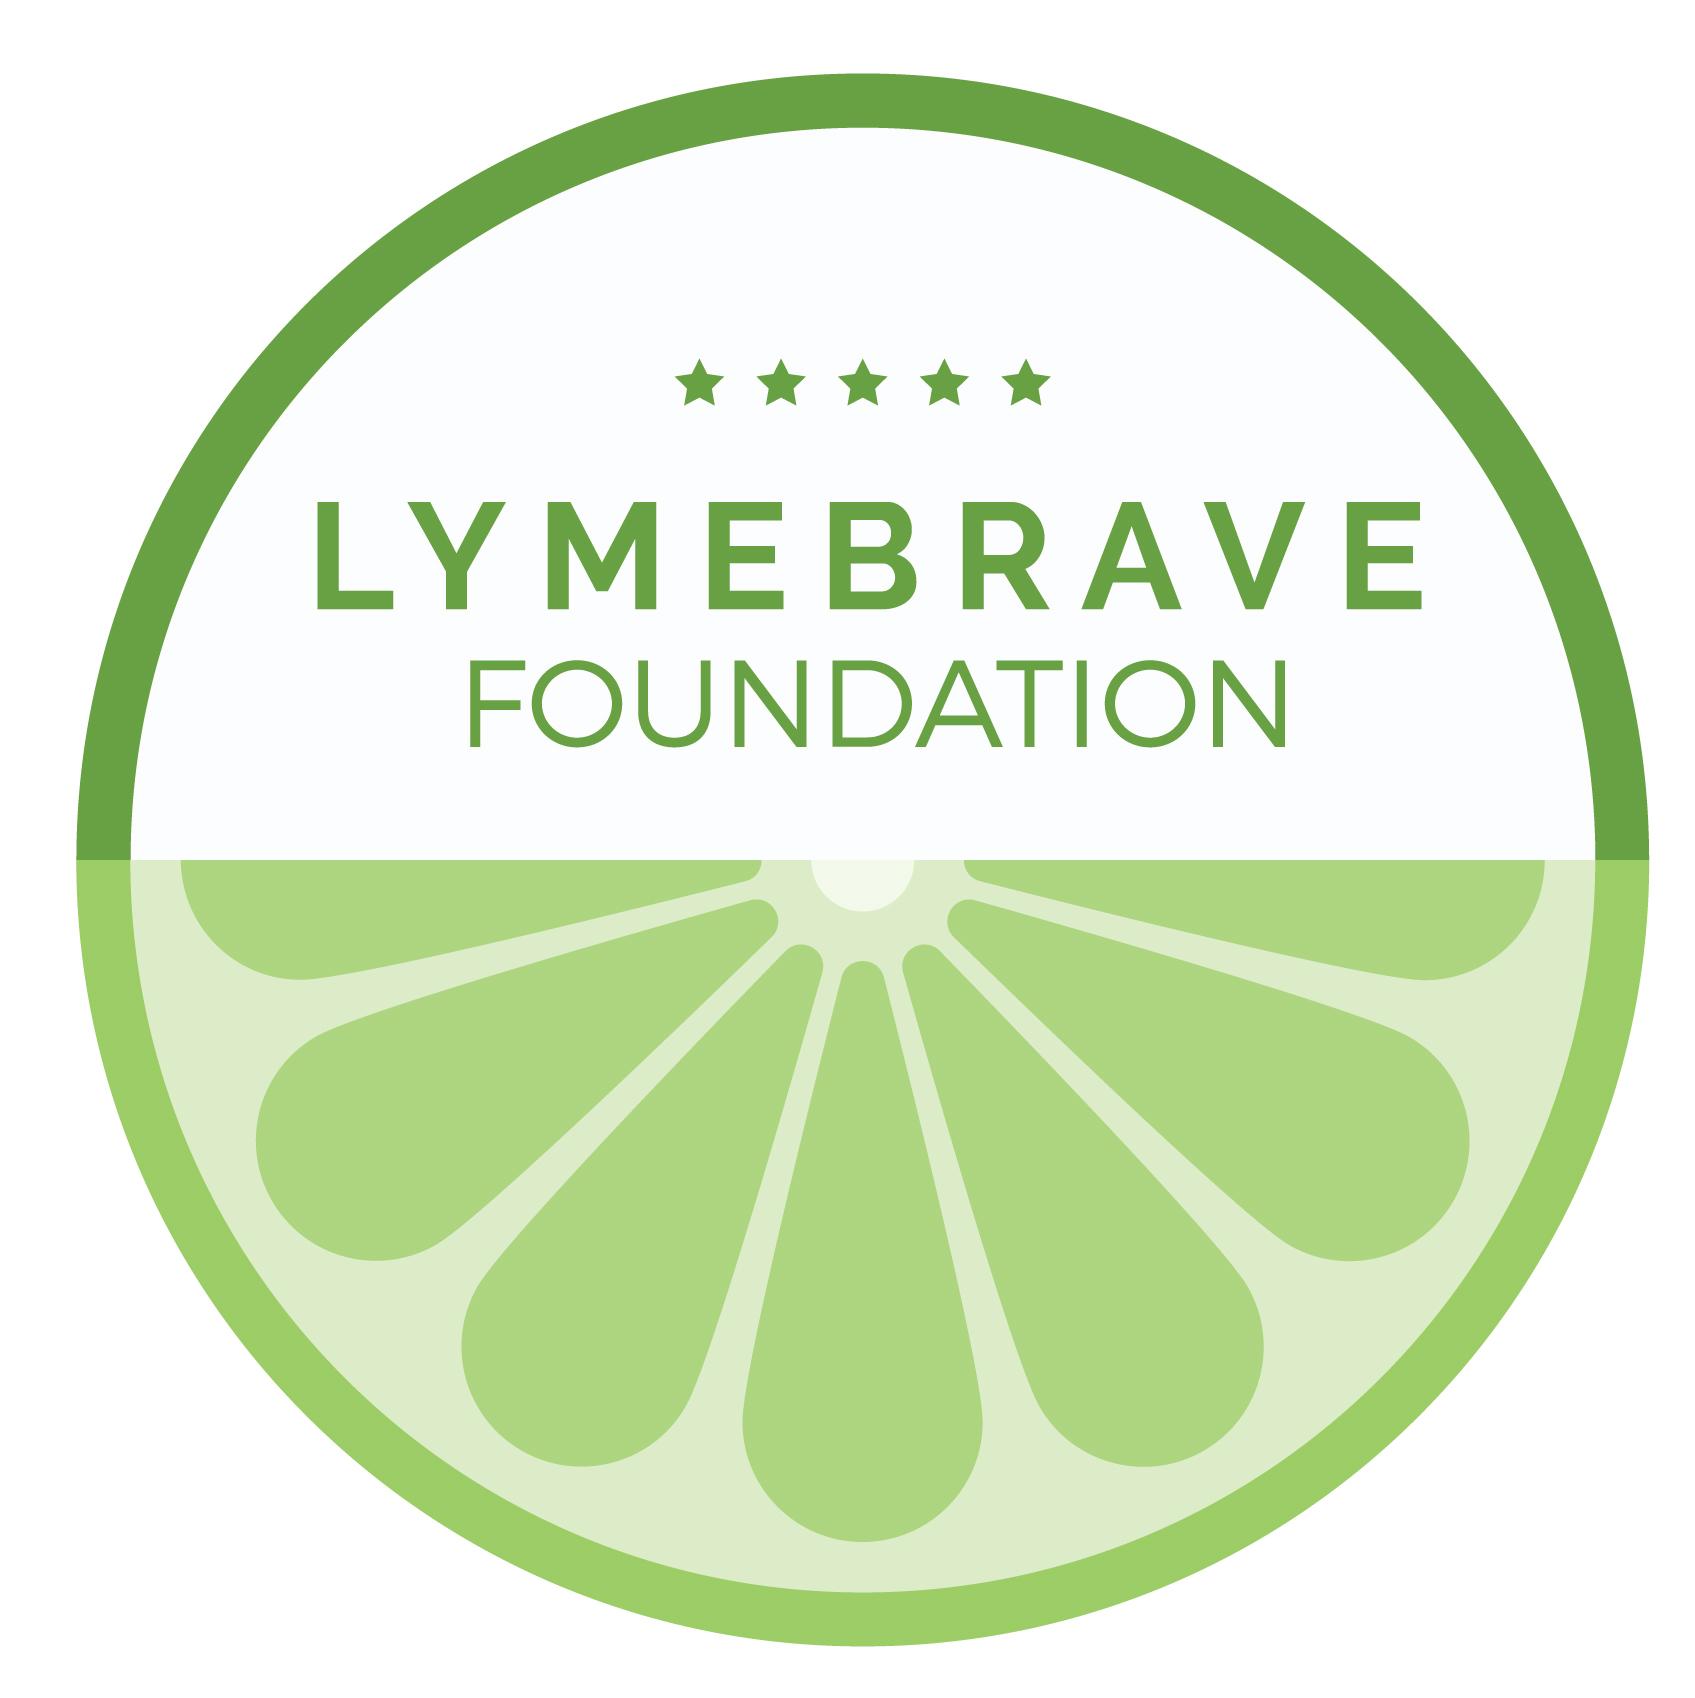 LymeBrave Foundation